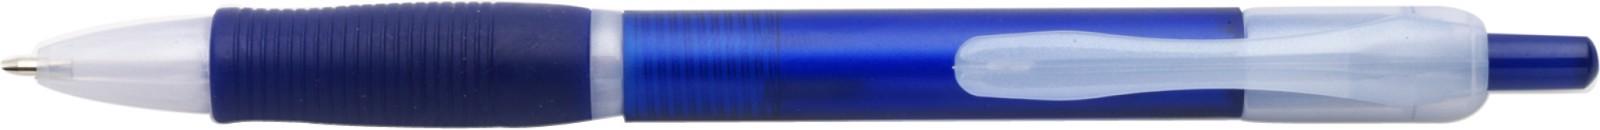 AS ballpen - Blue